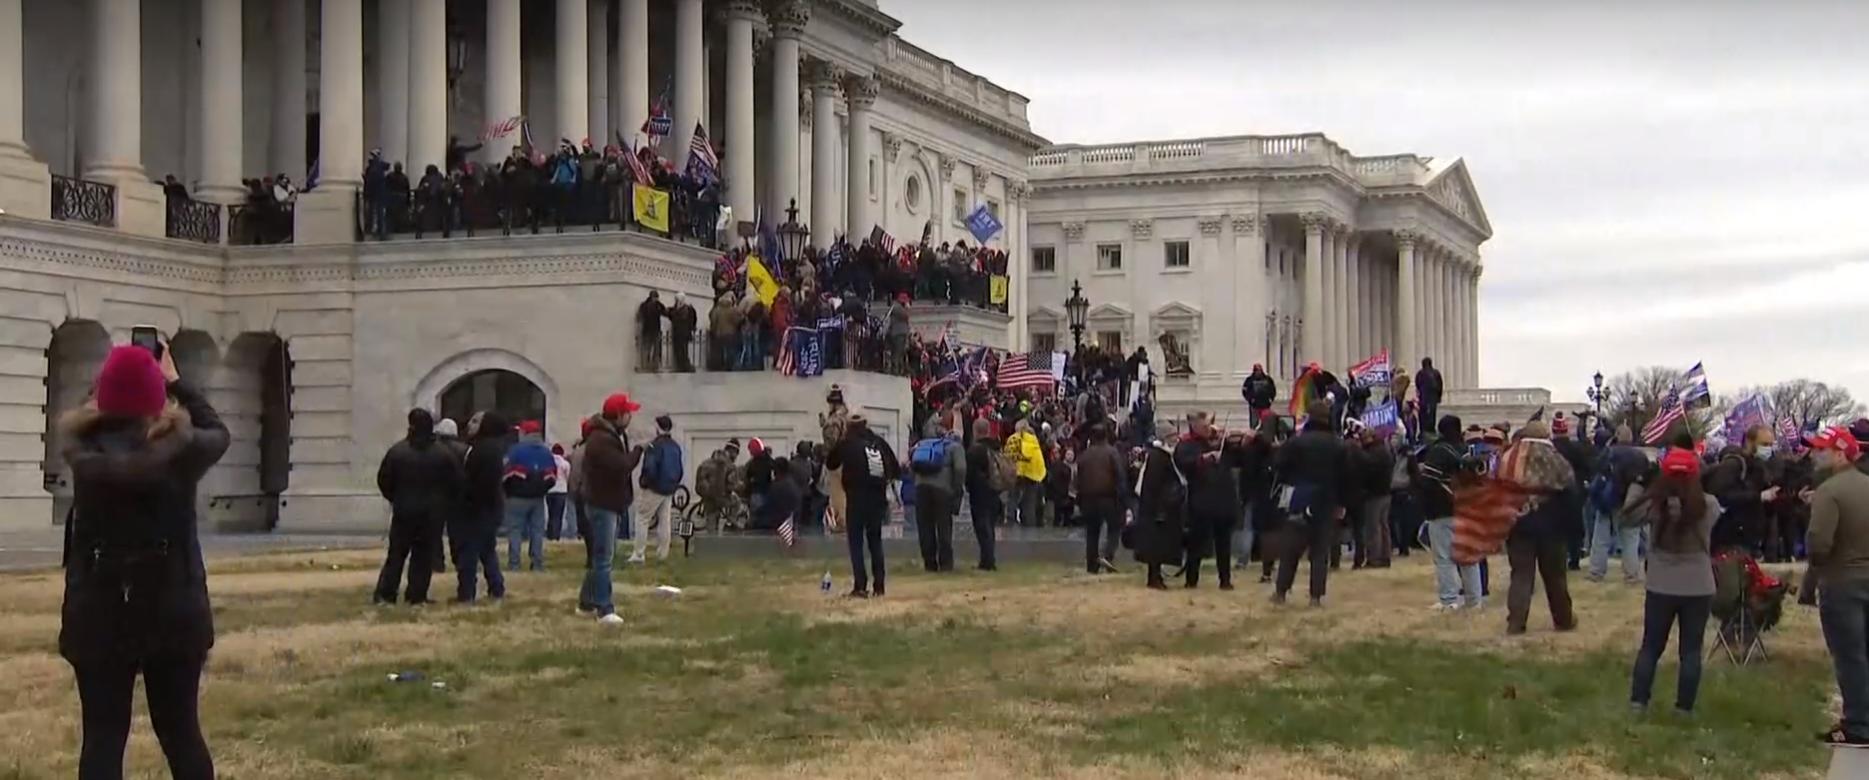 Apoiadores de Trump invadem o Capitólio